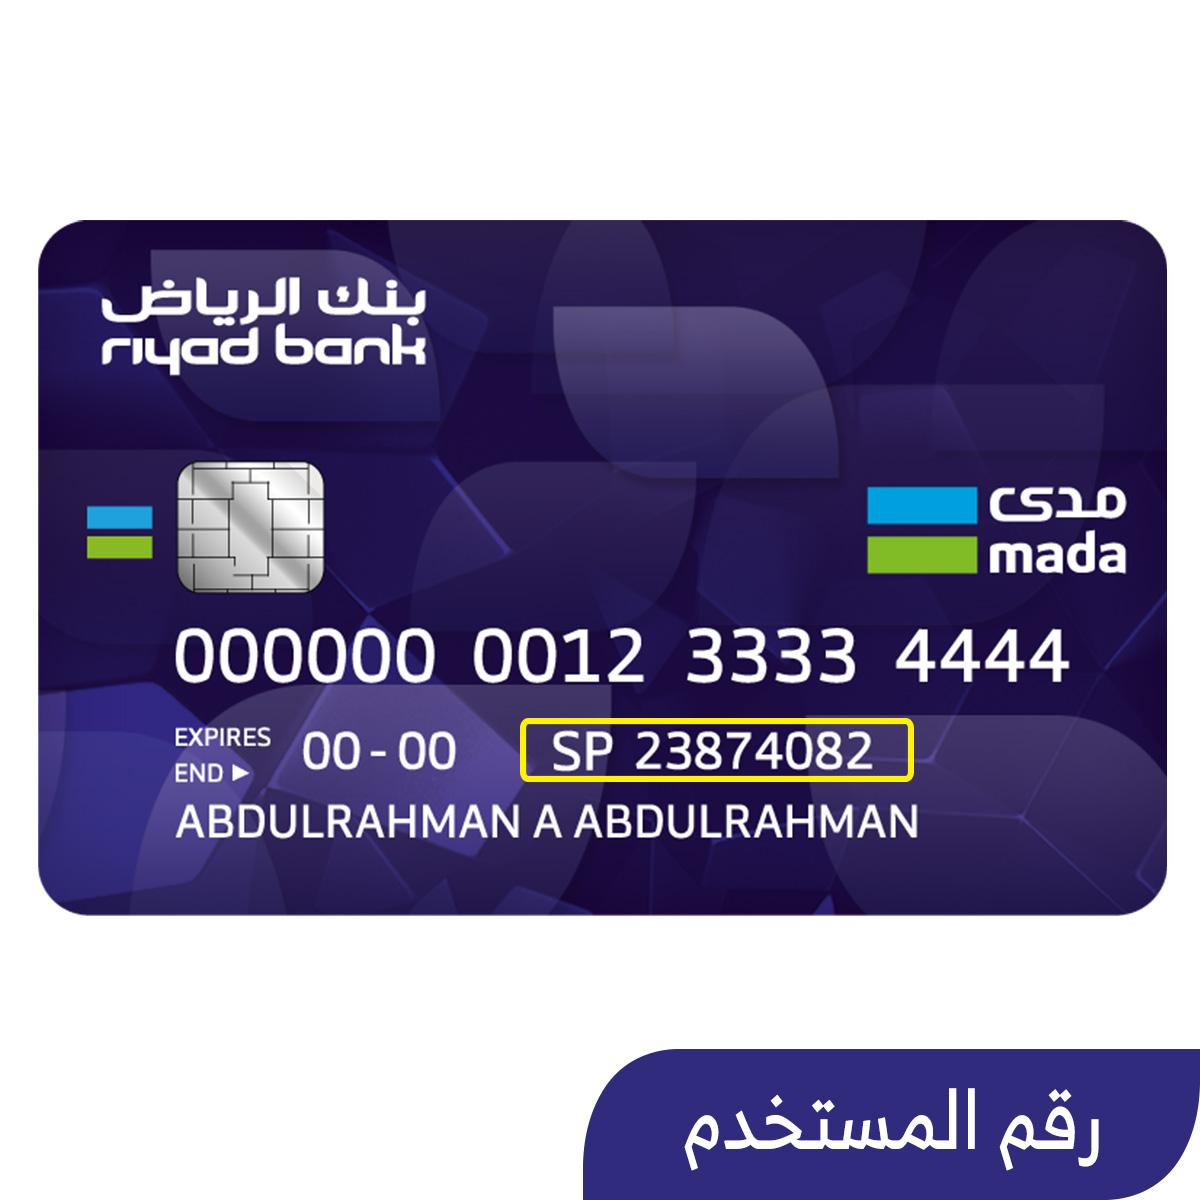 بنك الرياض A Twitter الهاتف المصرفي يتطلب إدخال رقم المستخدم الخاص بك والمسجل على بطاقة الصراف بنك الرياض بنكي Http T Co 1tb4mivbio